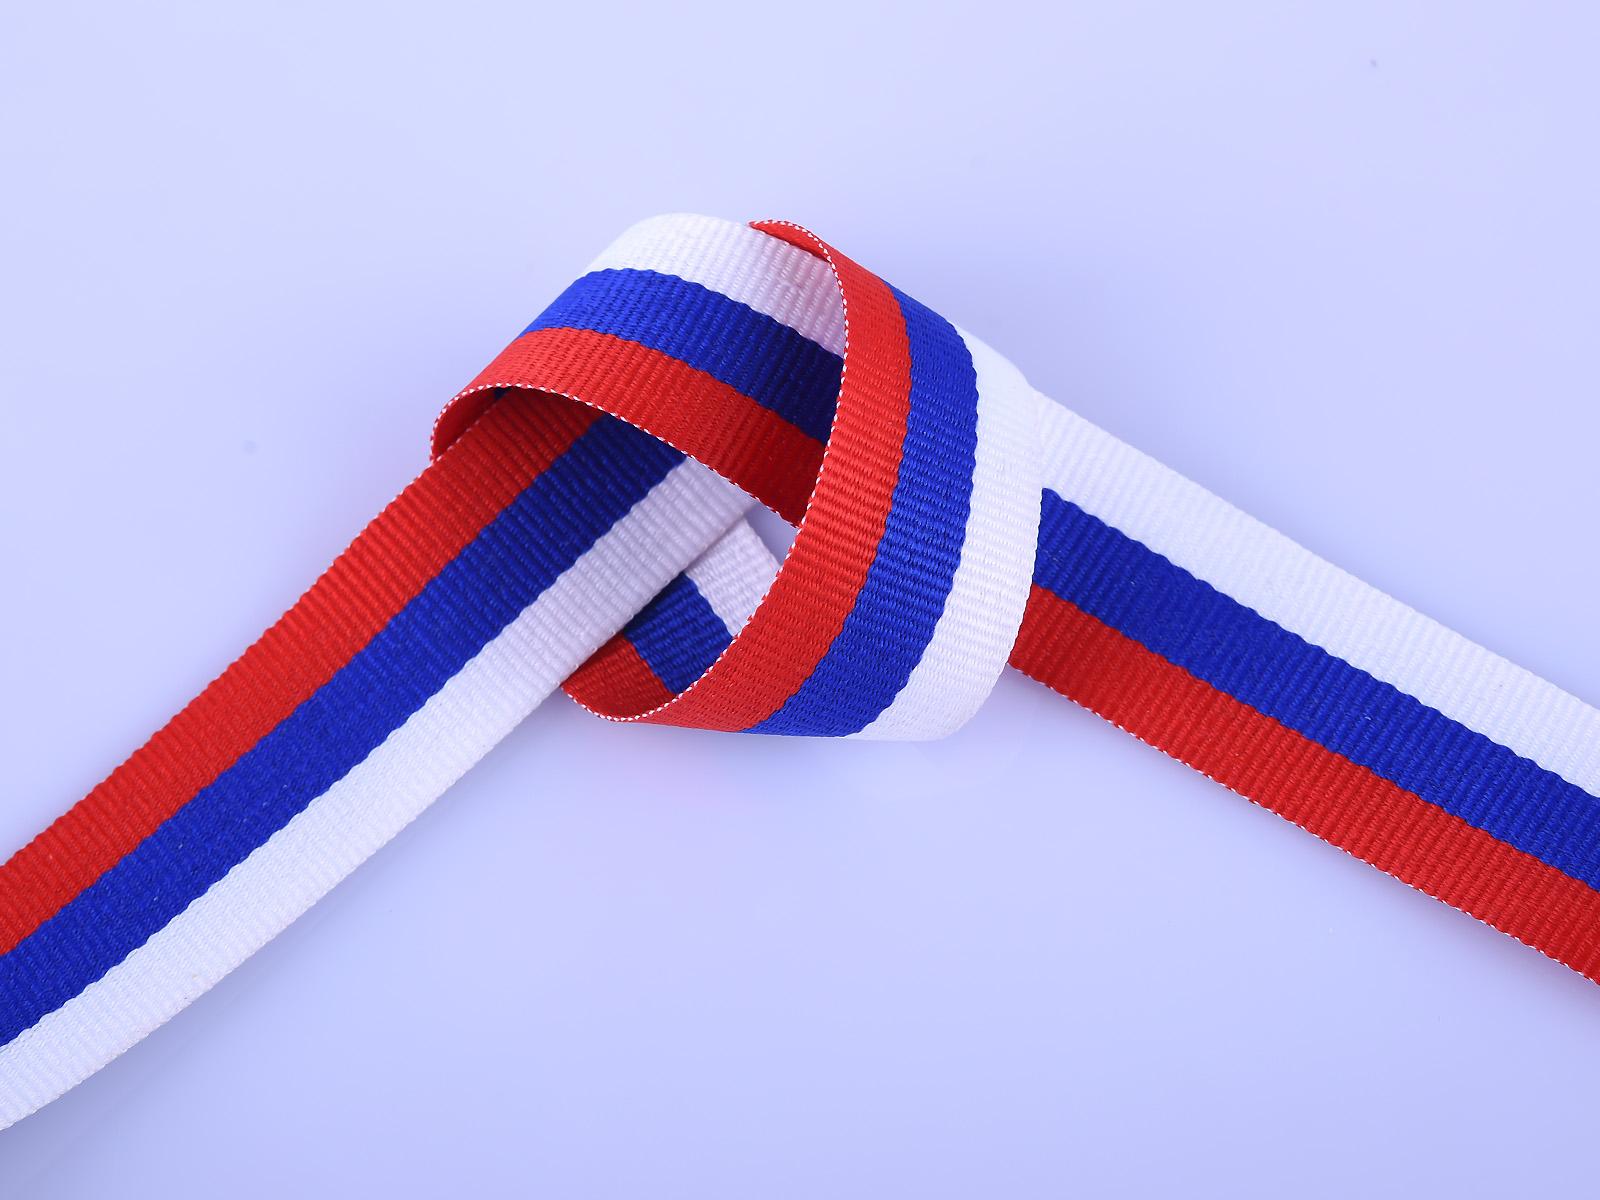 Триколоры РФ, самая низкая цена за метр